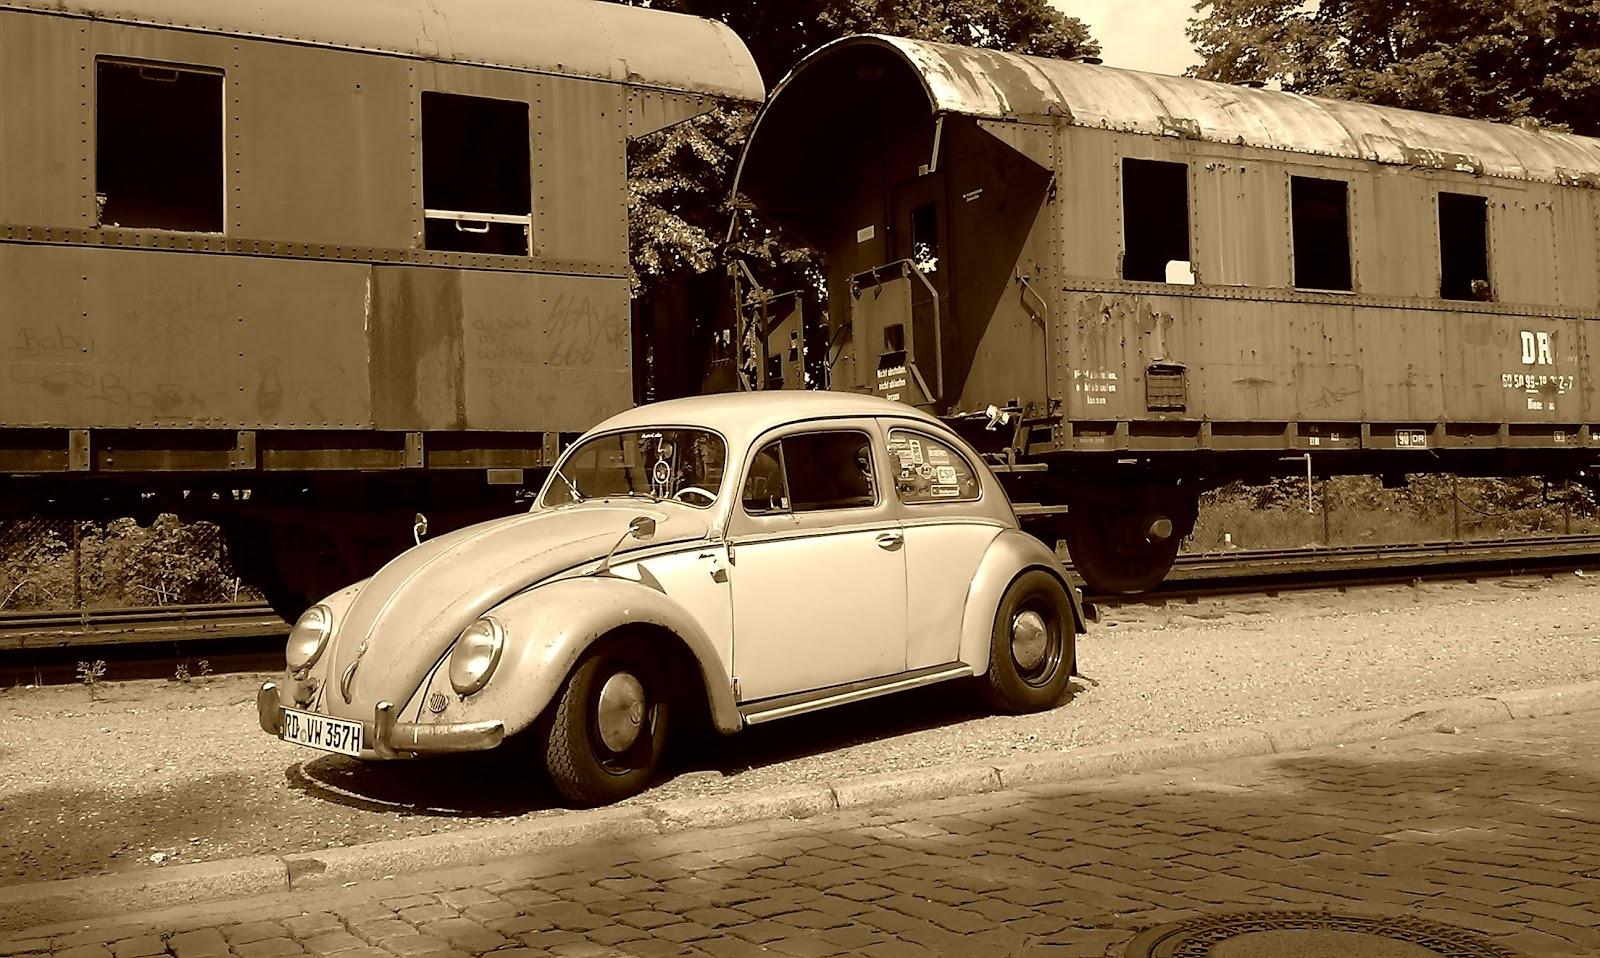 kovi.de - Alles rund um den VW Käfer - käfergelöt.de: Juli 2011